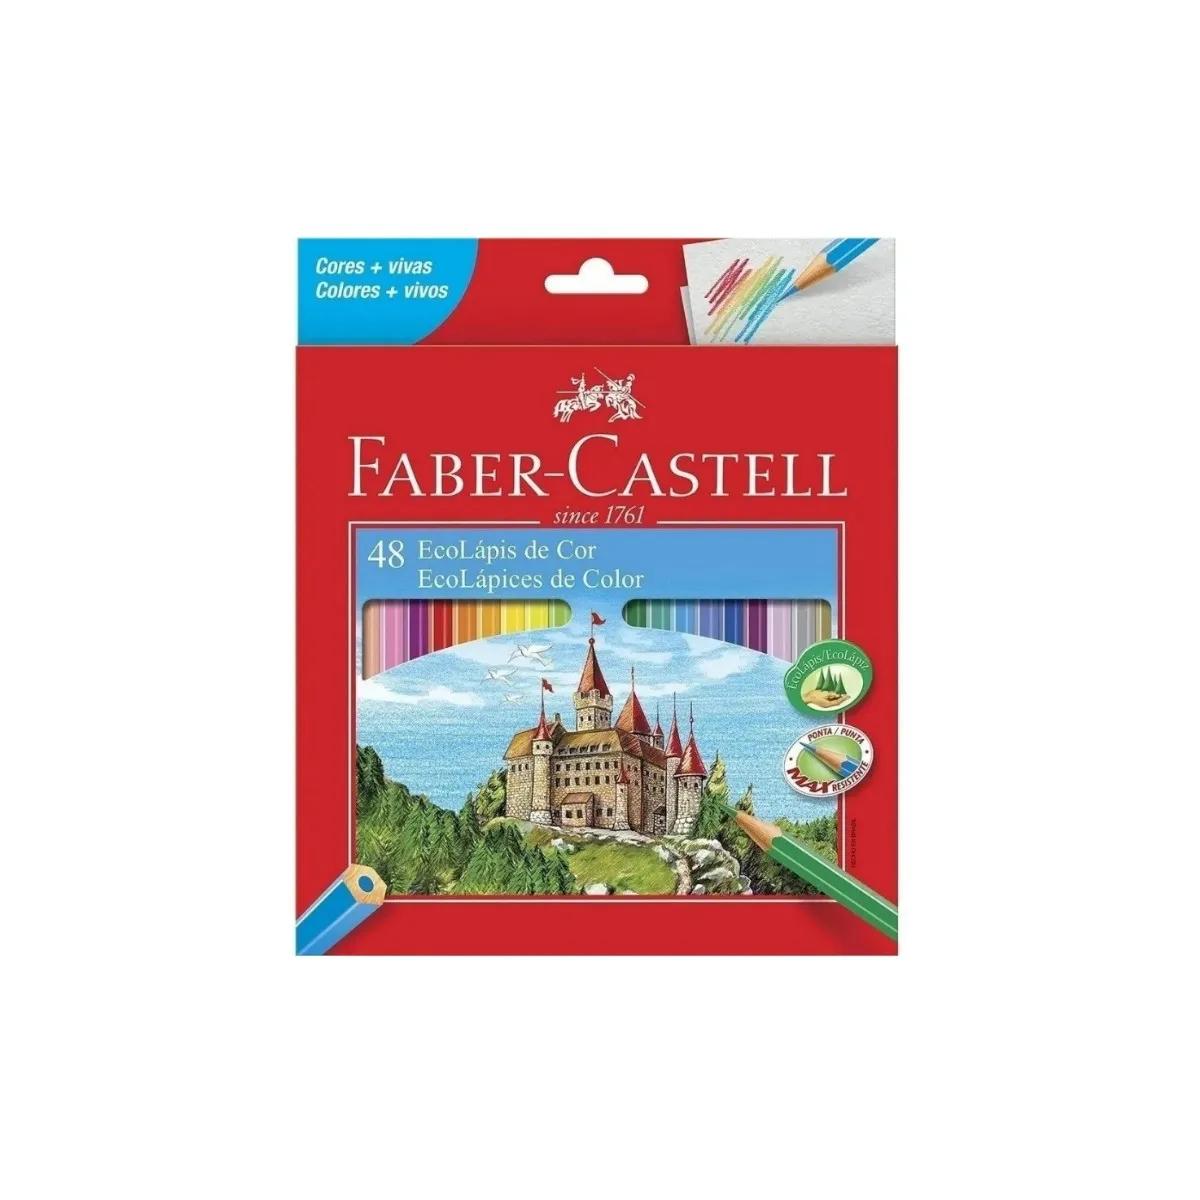 Lapis De Cor Faber Castell Ecolapis De Cor Lvm 48 Cores